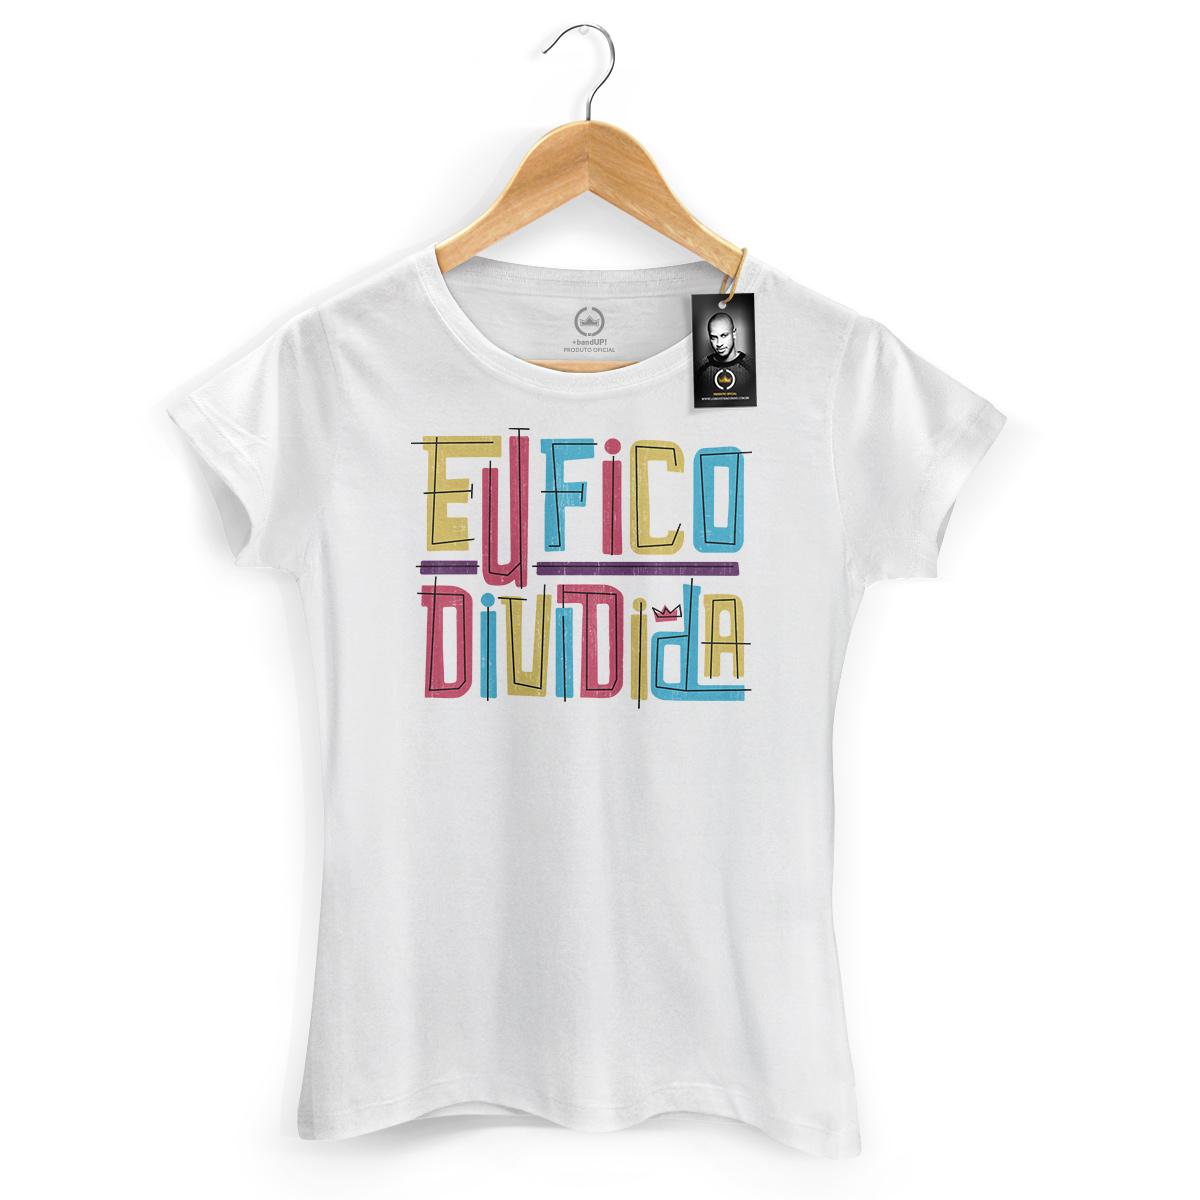 Camiseta Feminina Thiaguinho Eu Fico Dividida Colors